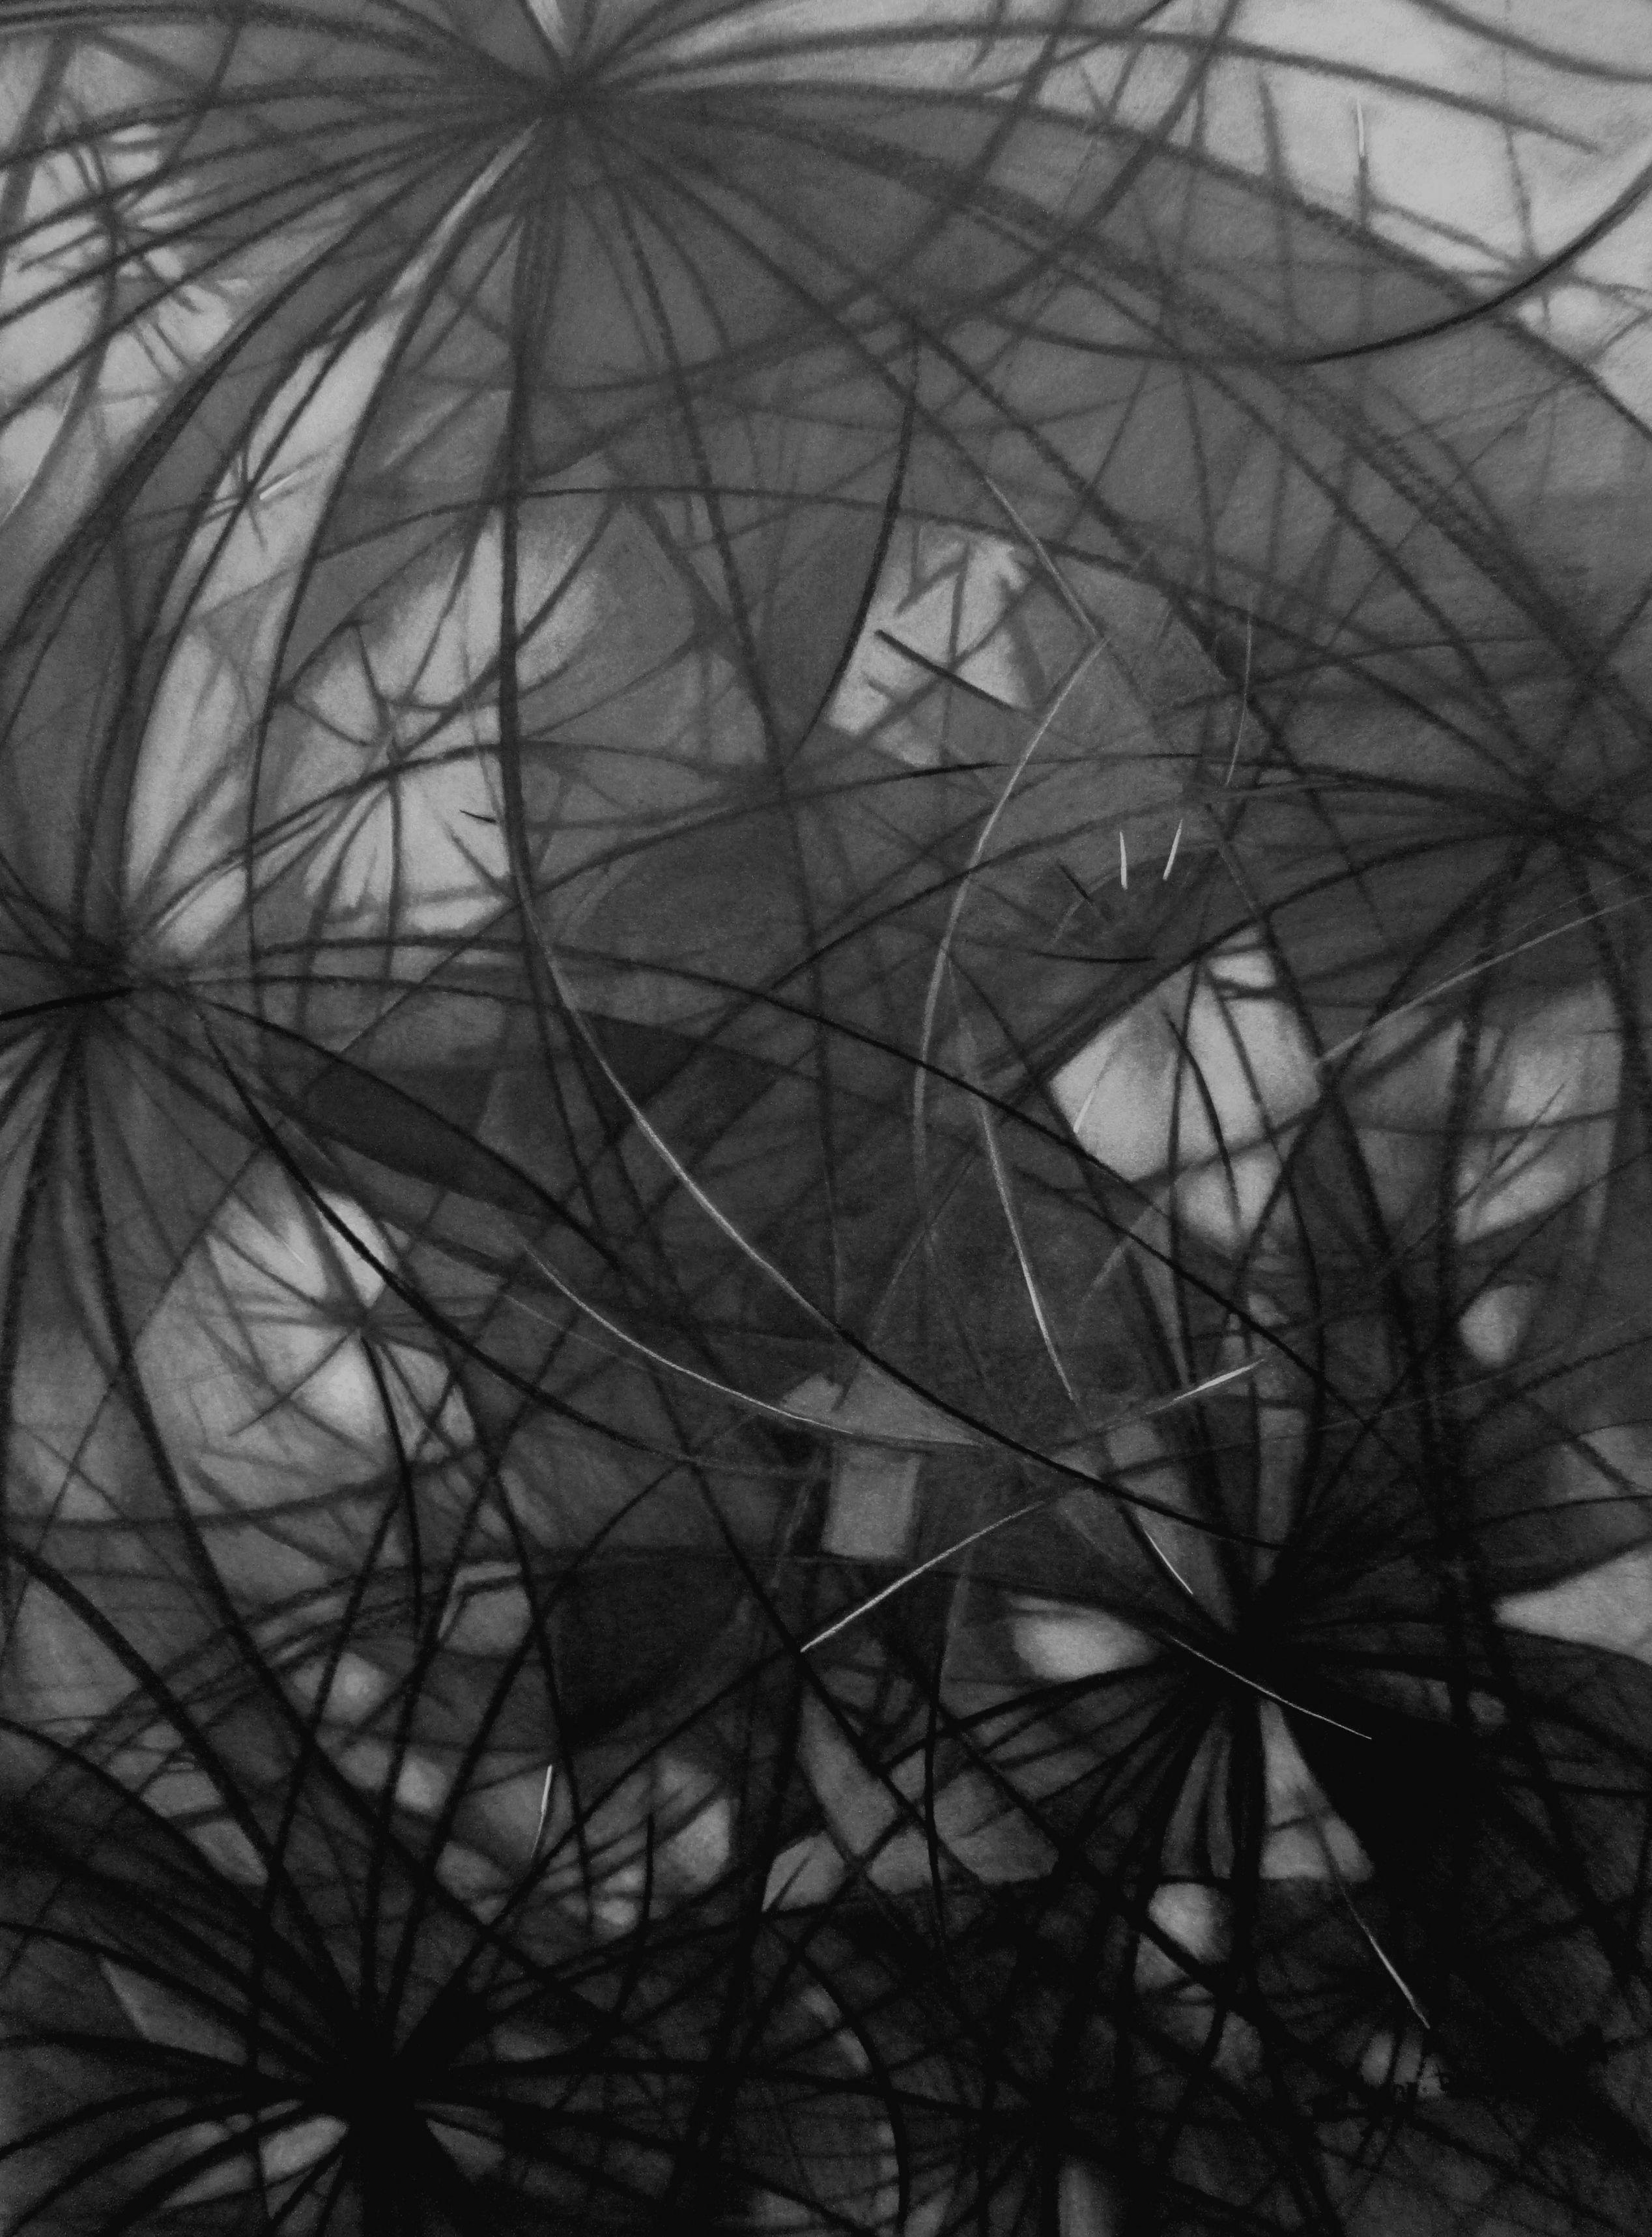 Synaptic Web